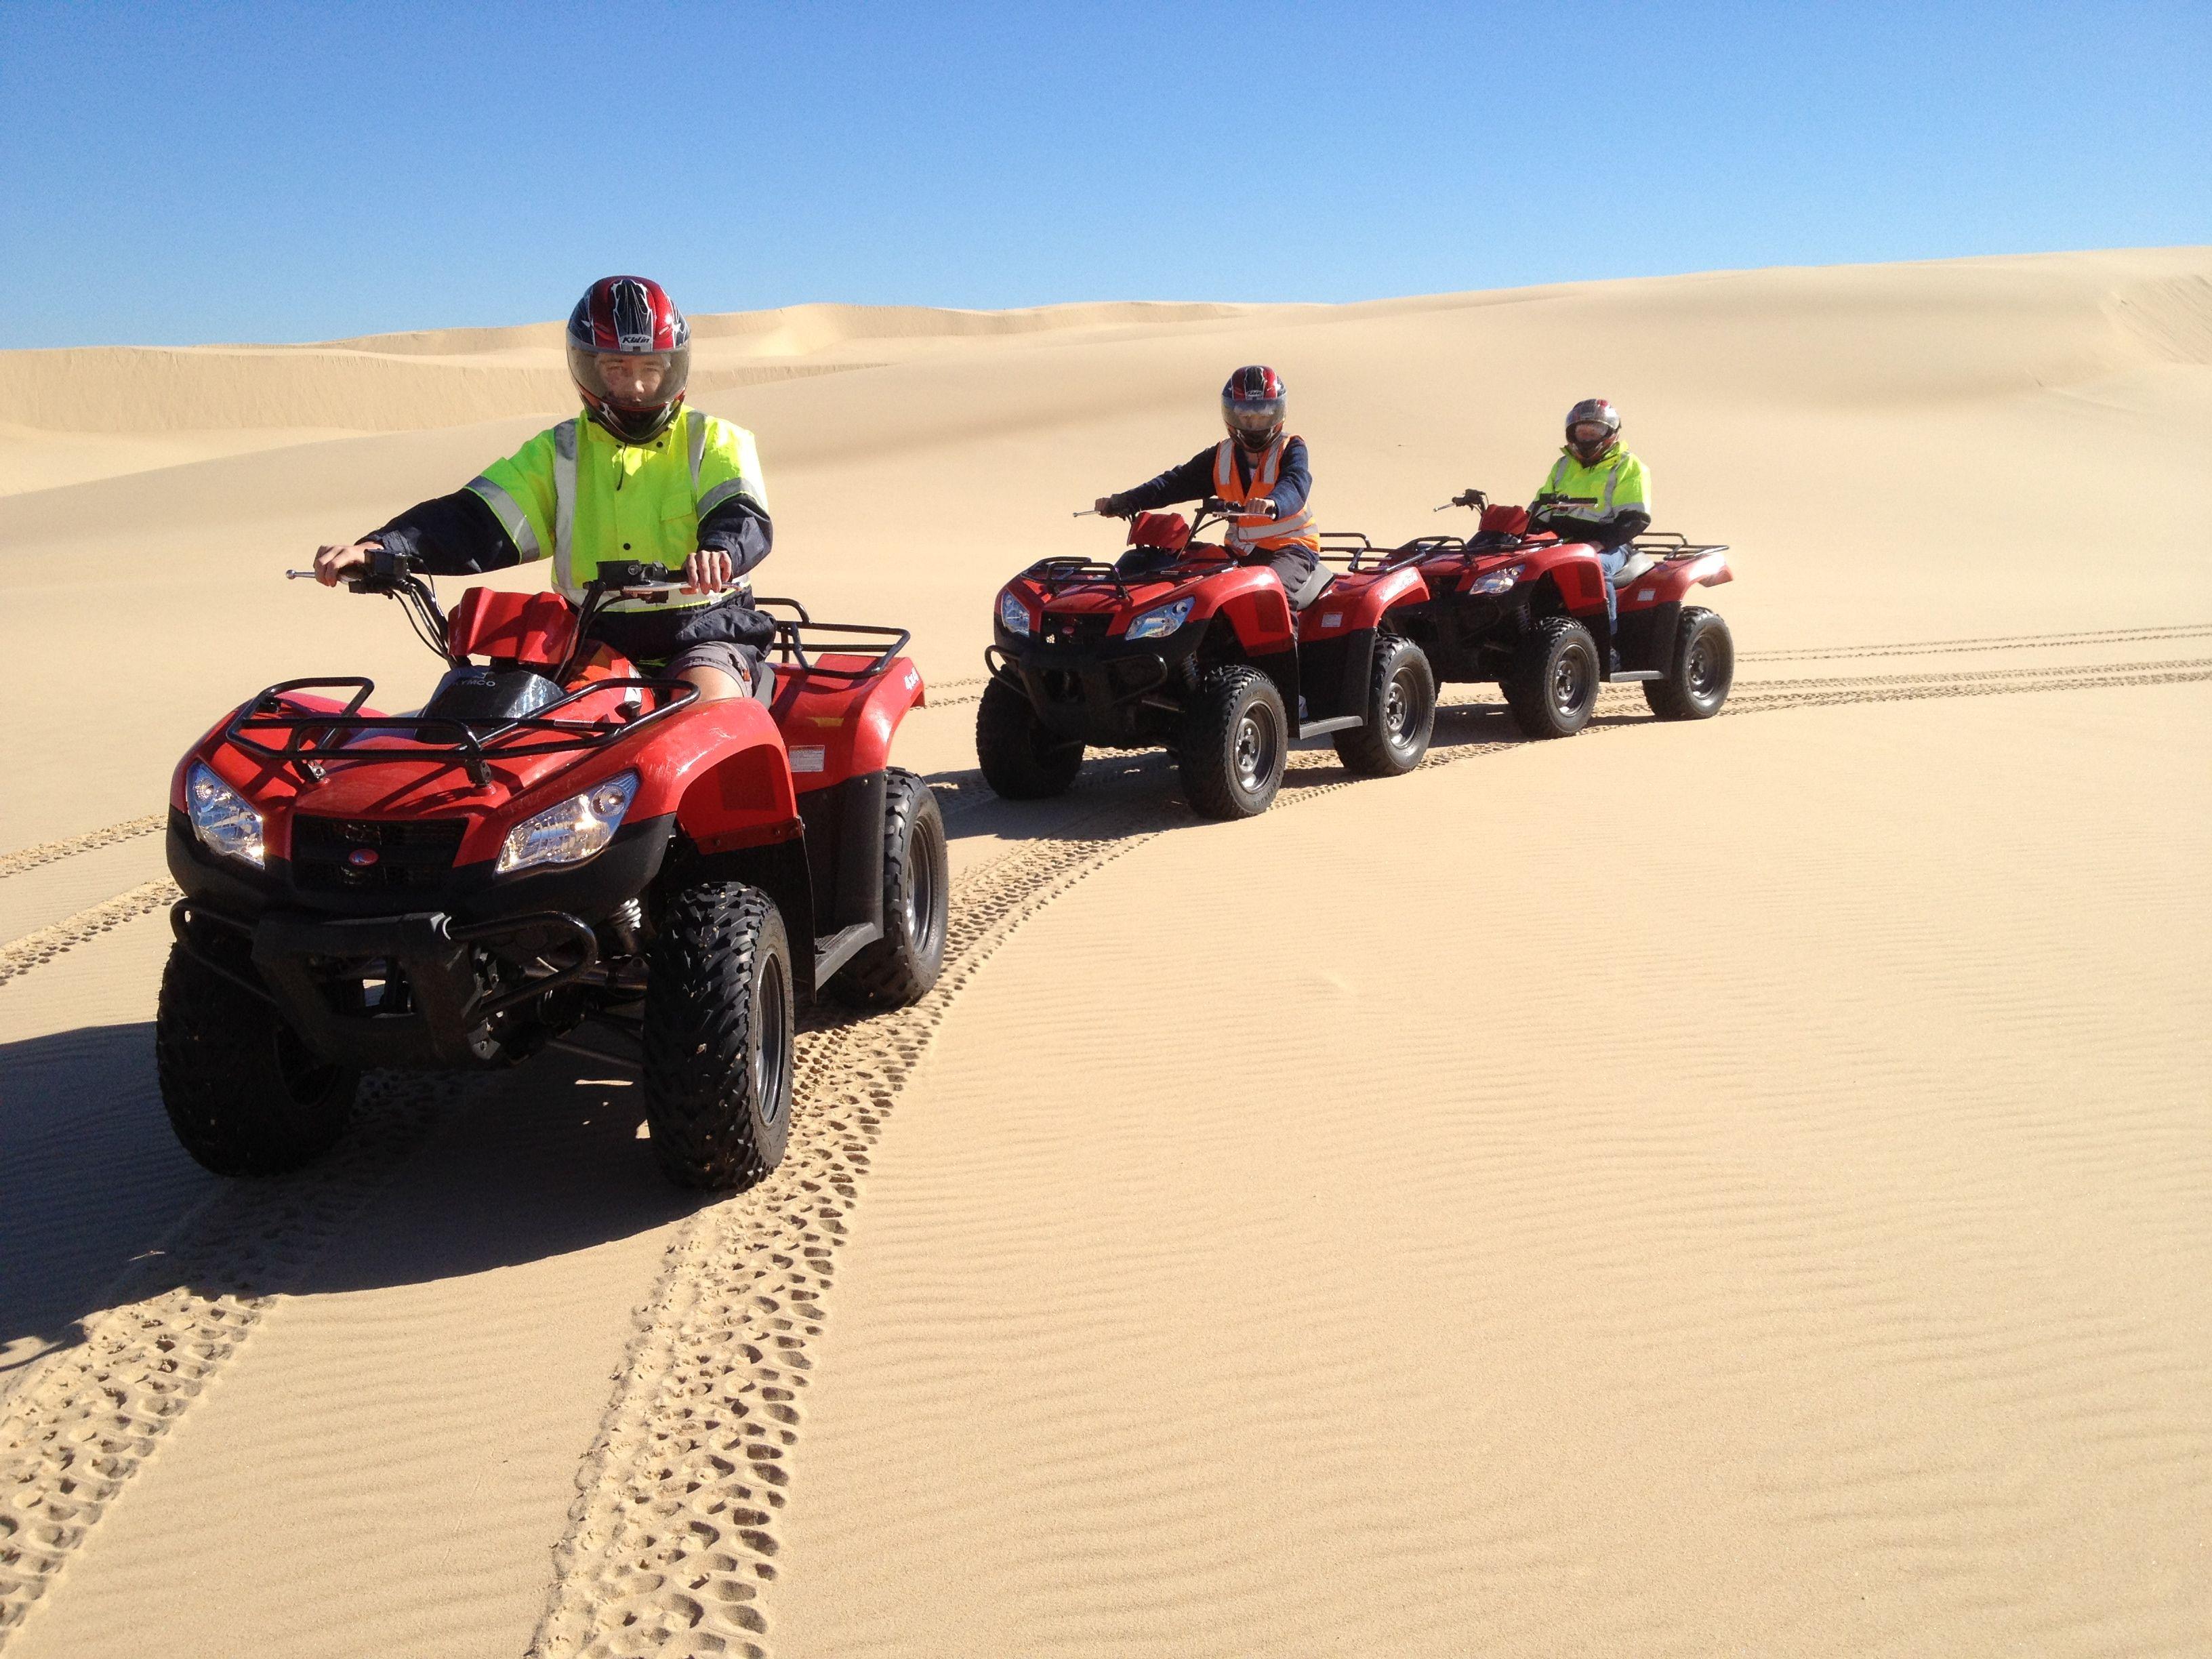 400cc Quad Bikes Sand Dune Adventures Australia Bike Tour Quad